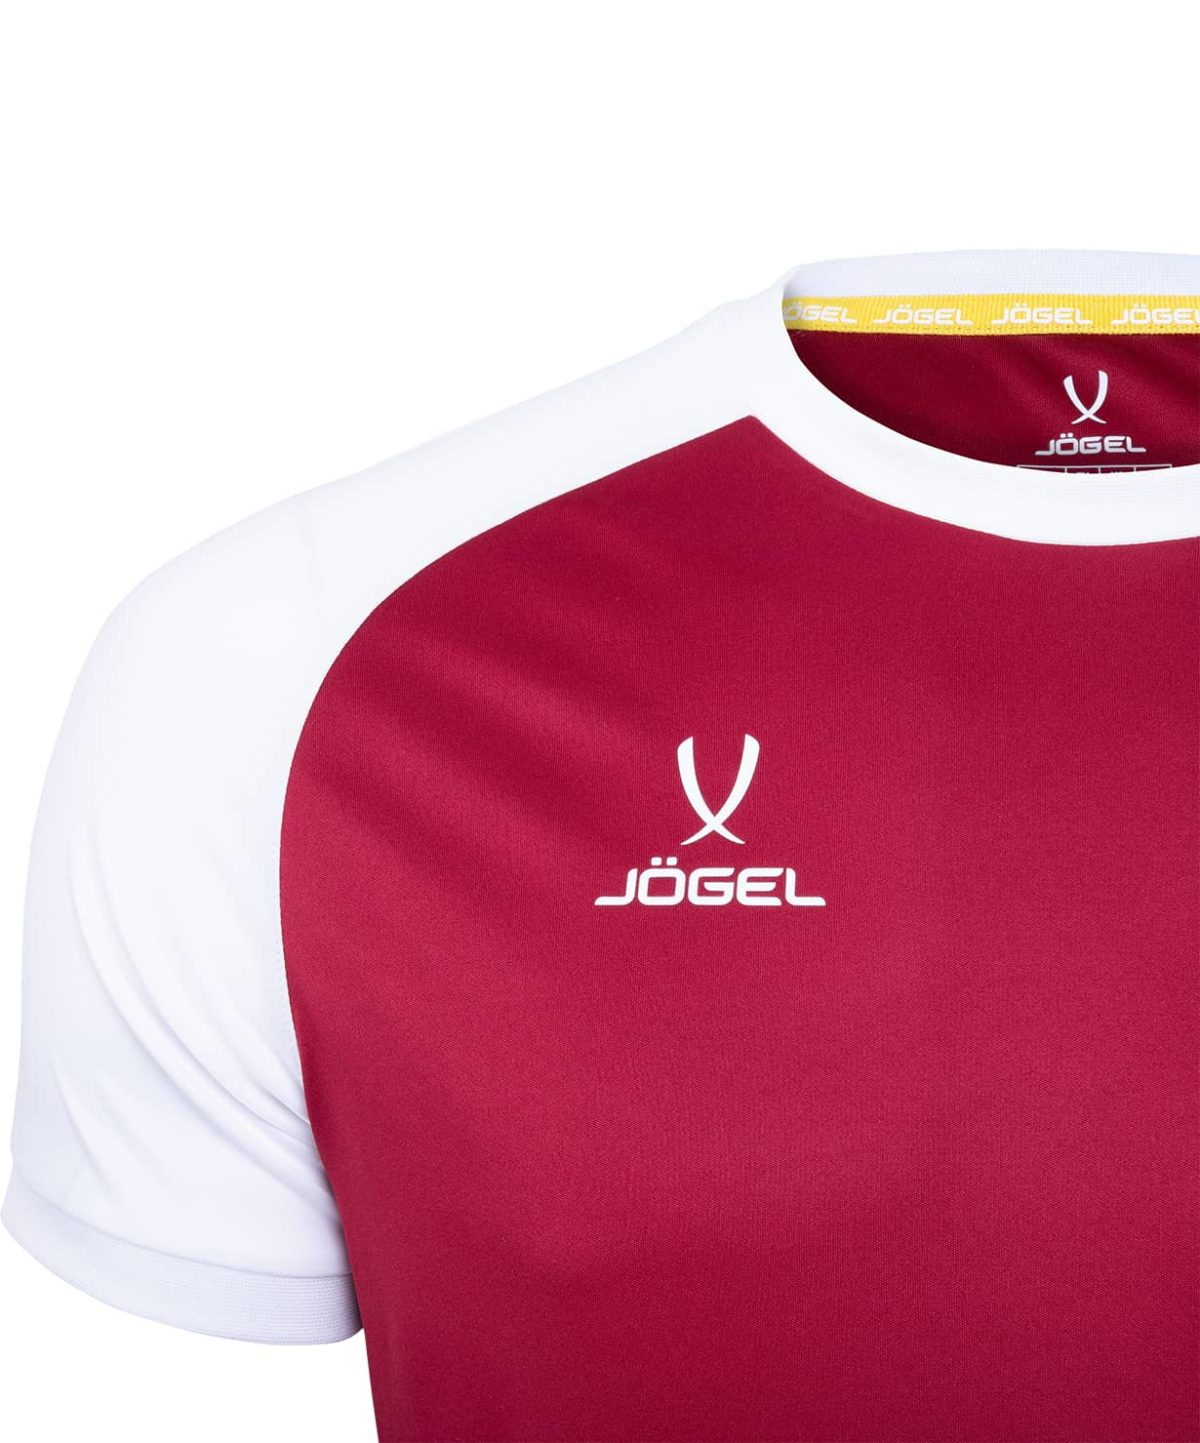 JOGEL CAMP Reglan футболка футбольная гранатовый/белый  JFT-1021-G1 - 3